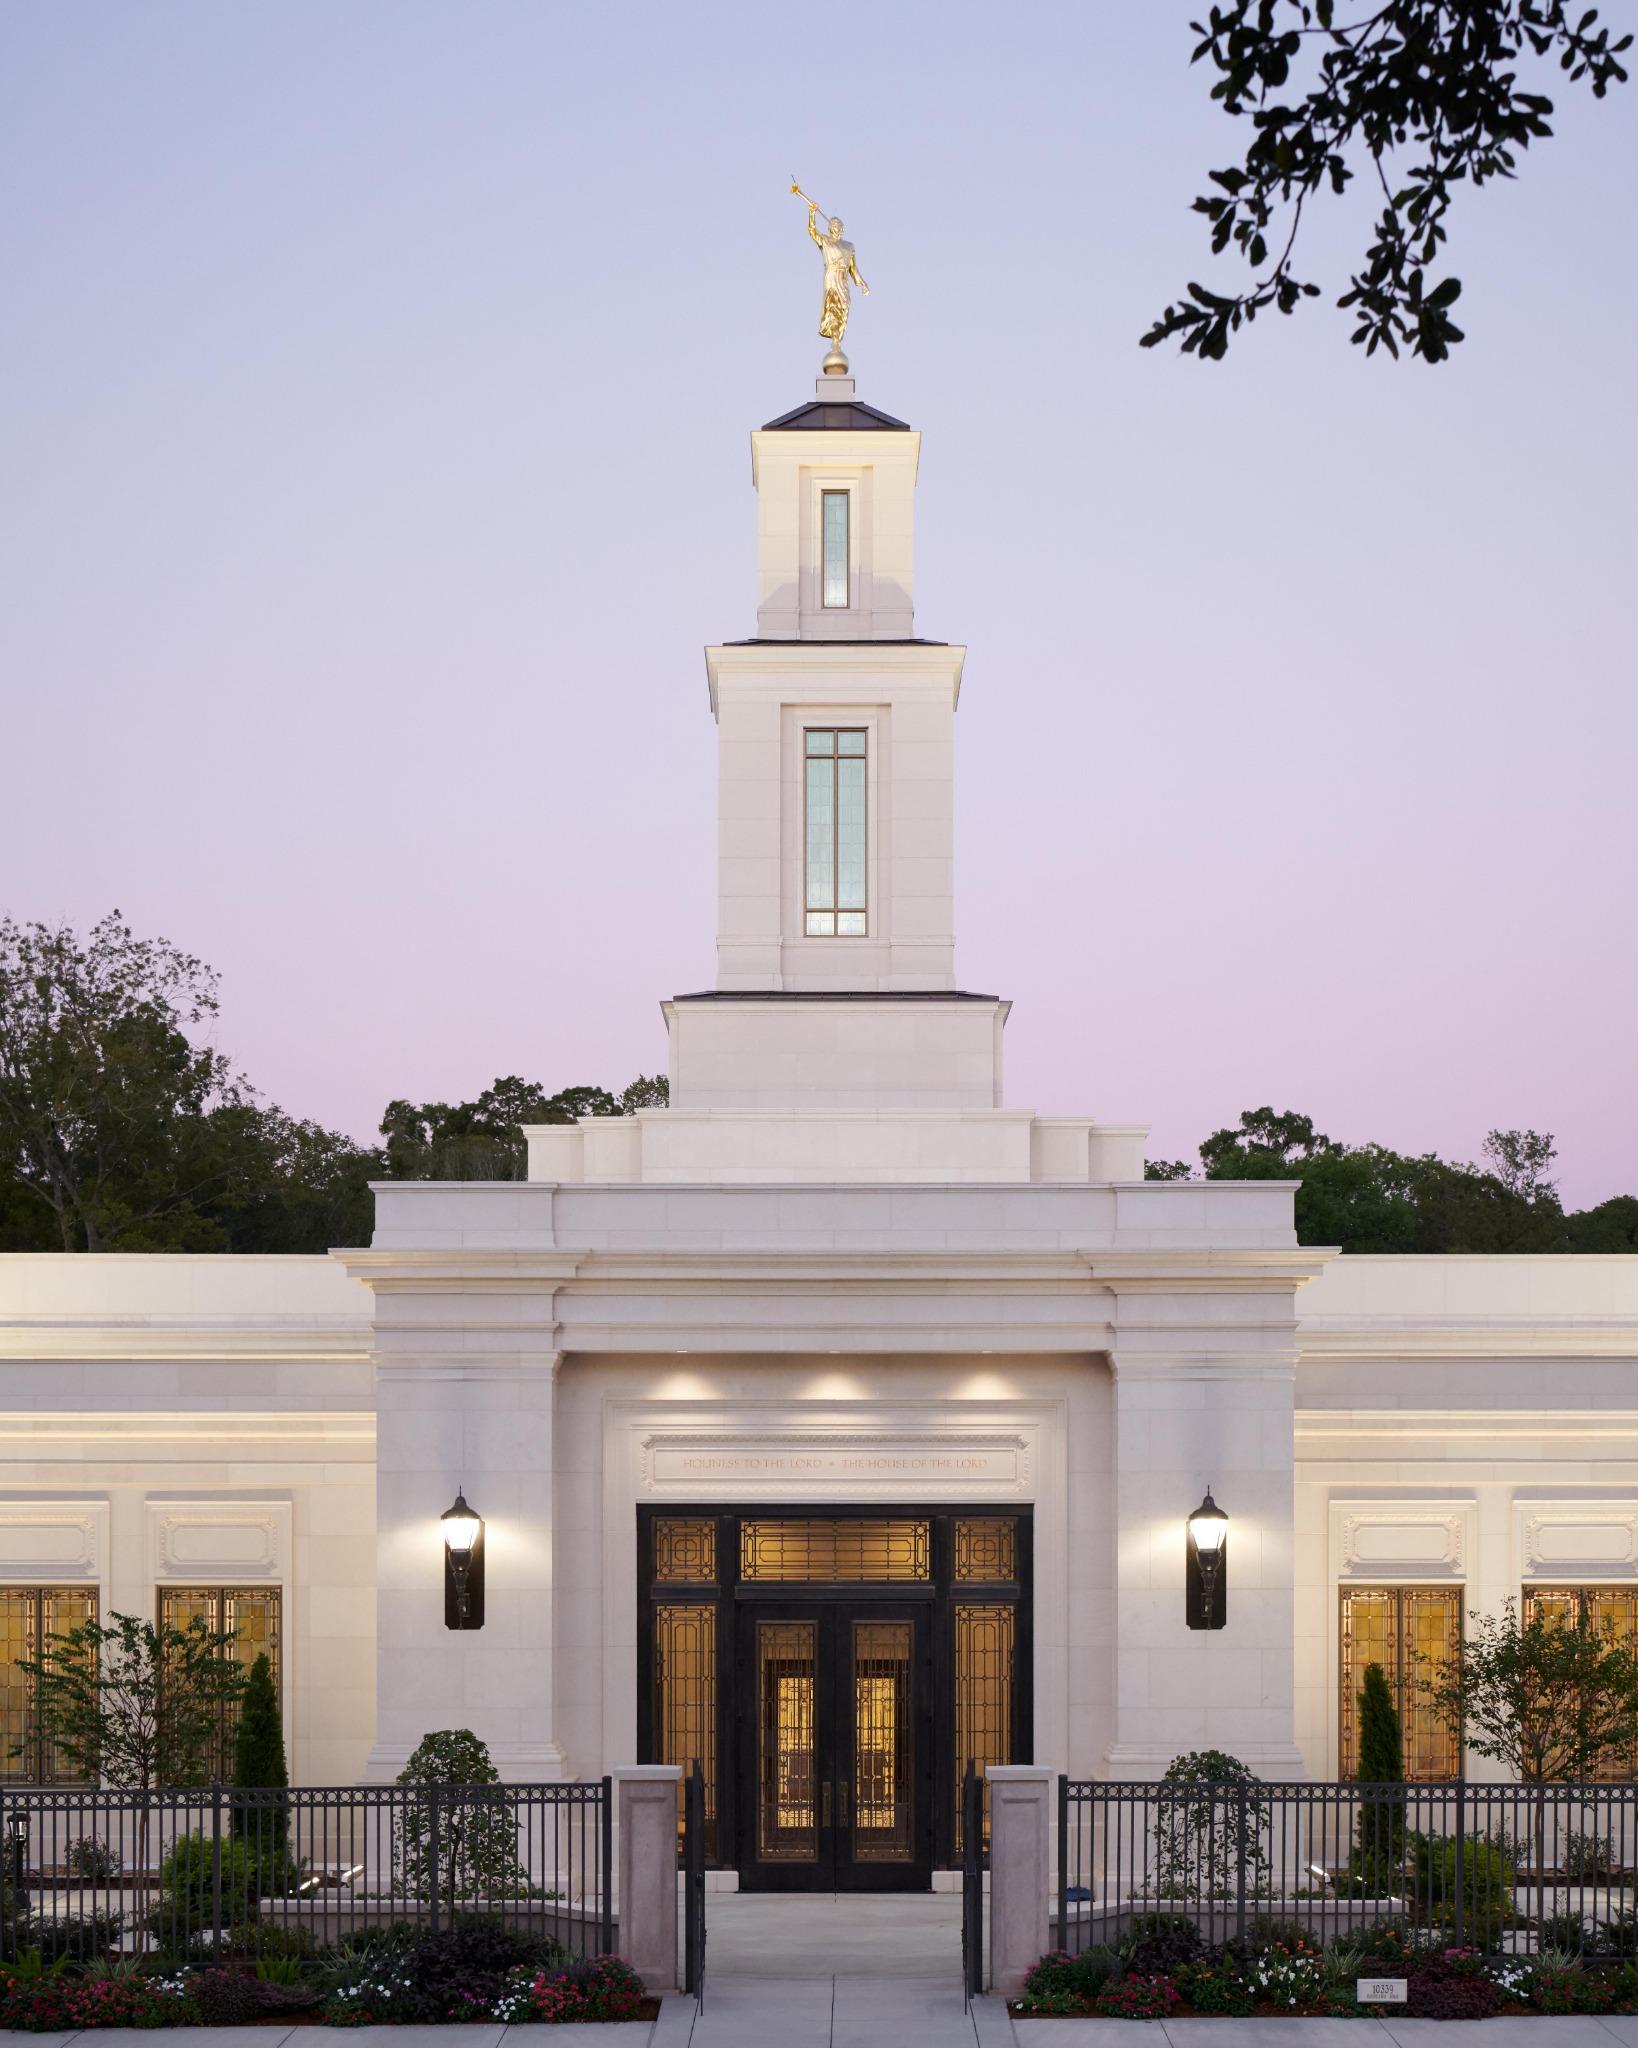 The Baton Rouge Louisiana Temple.